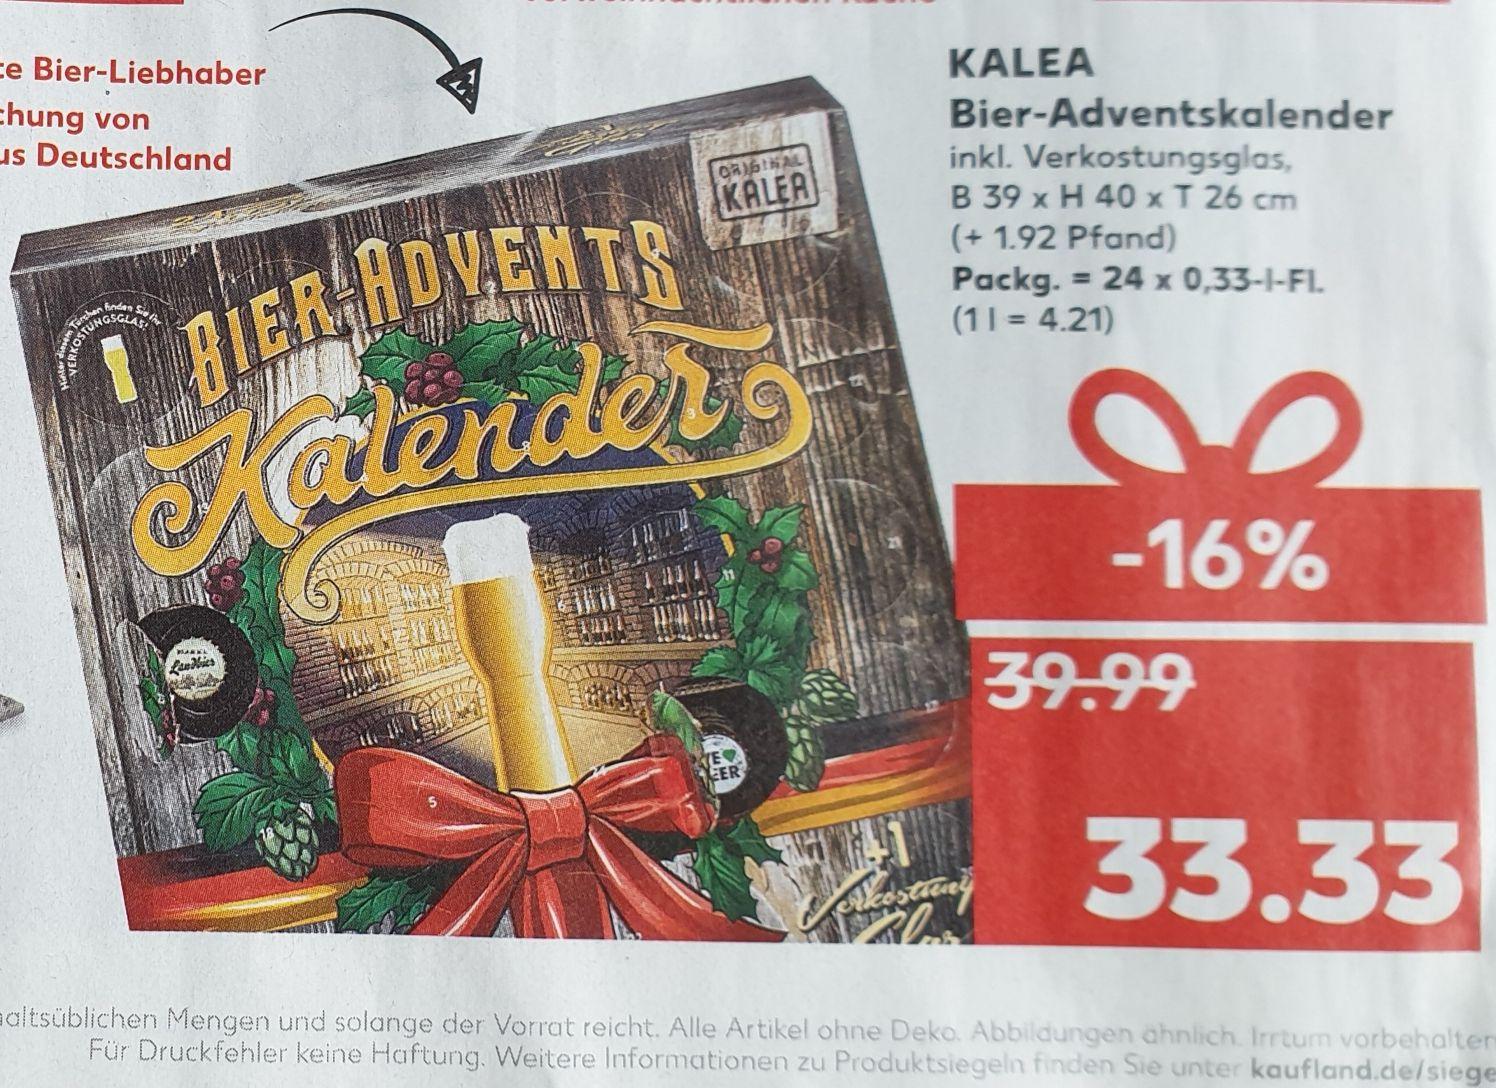 Kaufland-Angebot: Kalea BIER-Adventskalender 2019, 24 Deutsche Bier-Spezialitäten und 1 Verkostungsglas zzgl. 1,92 € Pfand